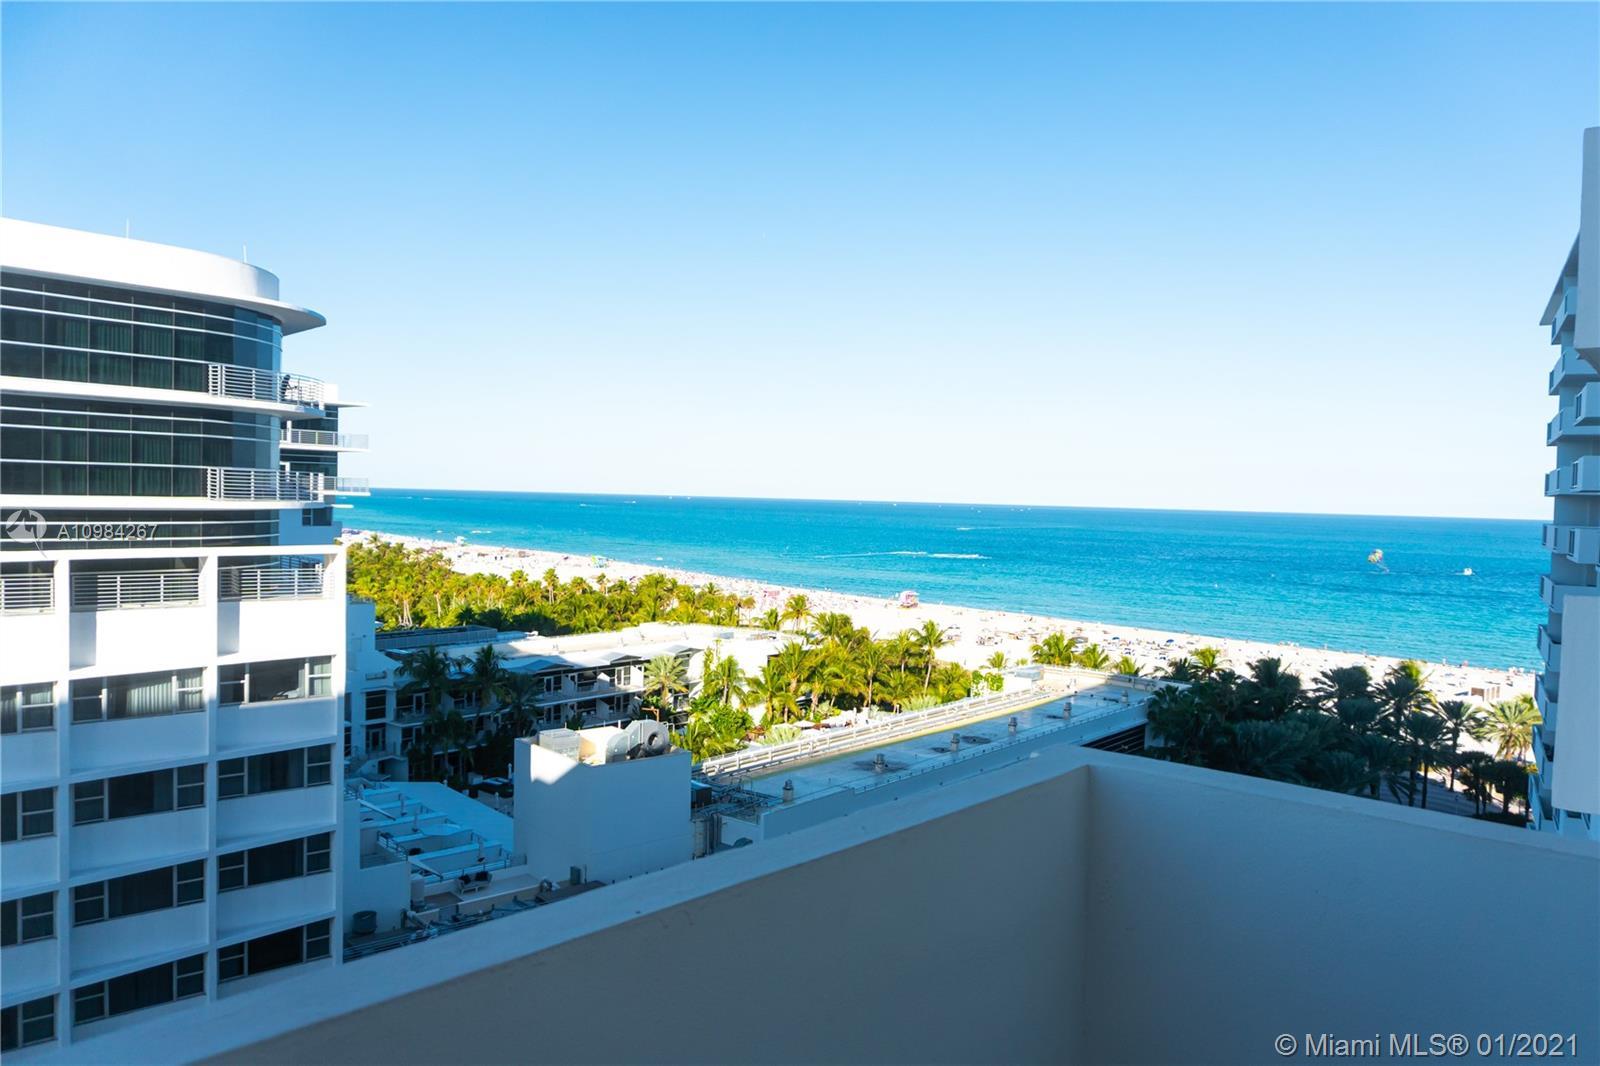 100 Lincoln Rd Unit 1123 & 1102, Miami Beach, Florida 33139